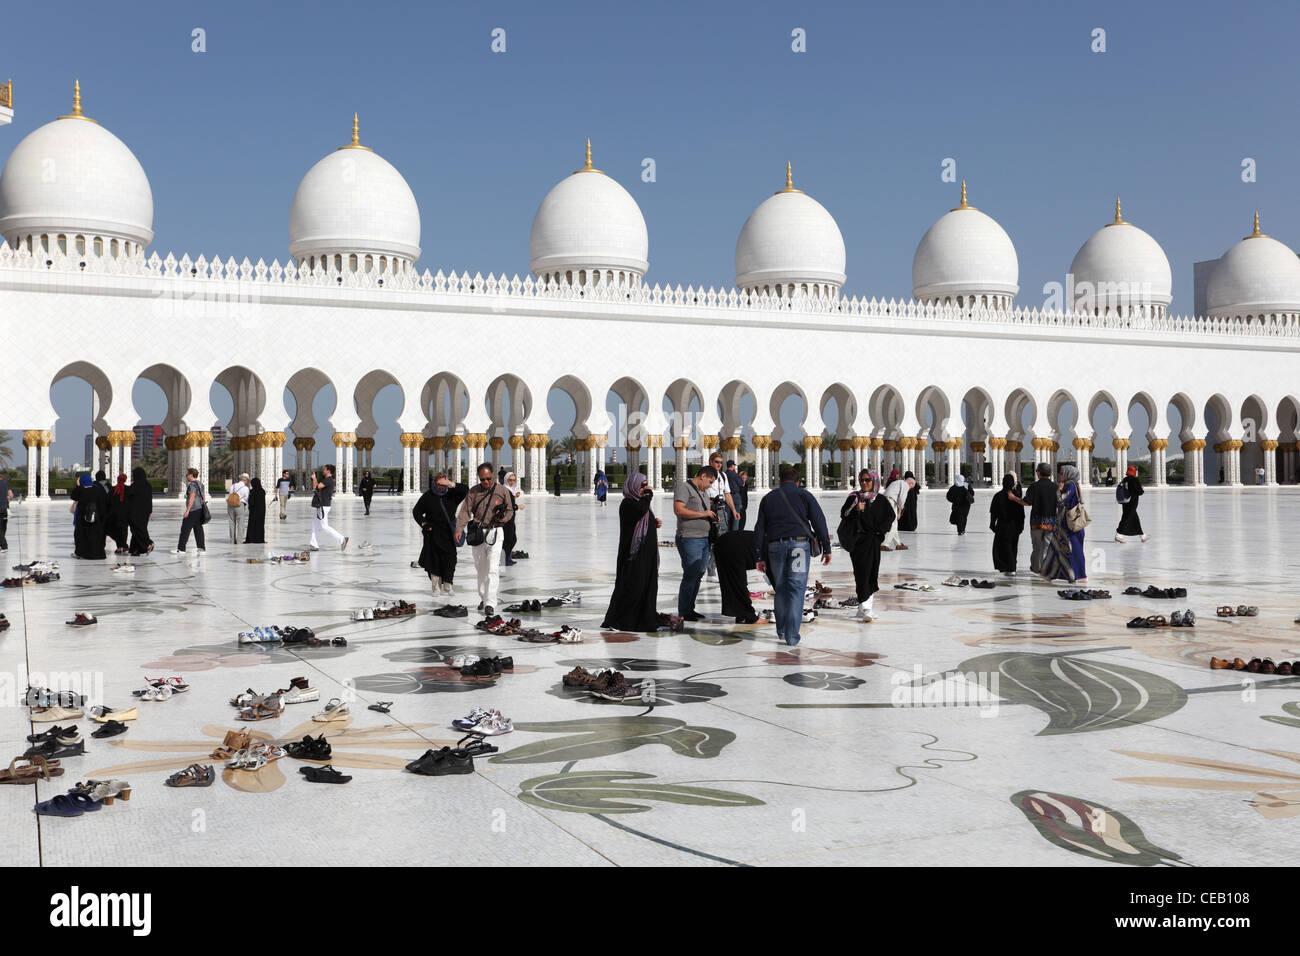 Los visitantes de la Mezquita Sheikh Zayed, en Abu Dhabi, Emiratos Árabes Unidos Imagen De Stock